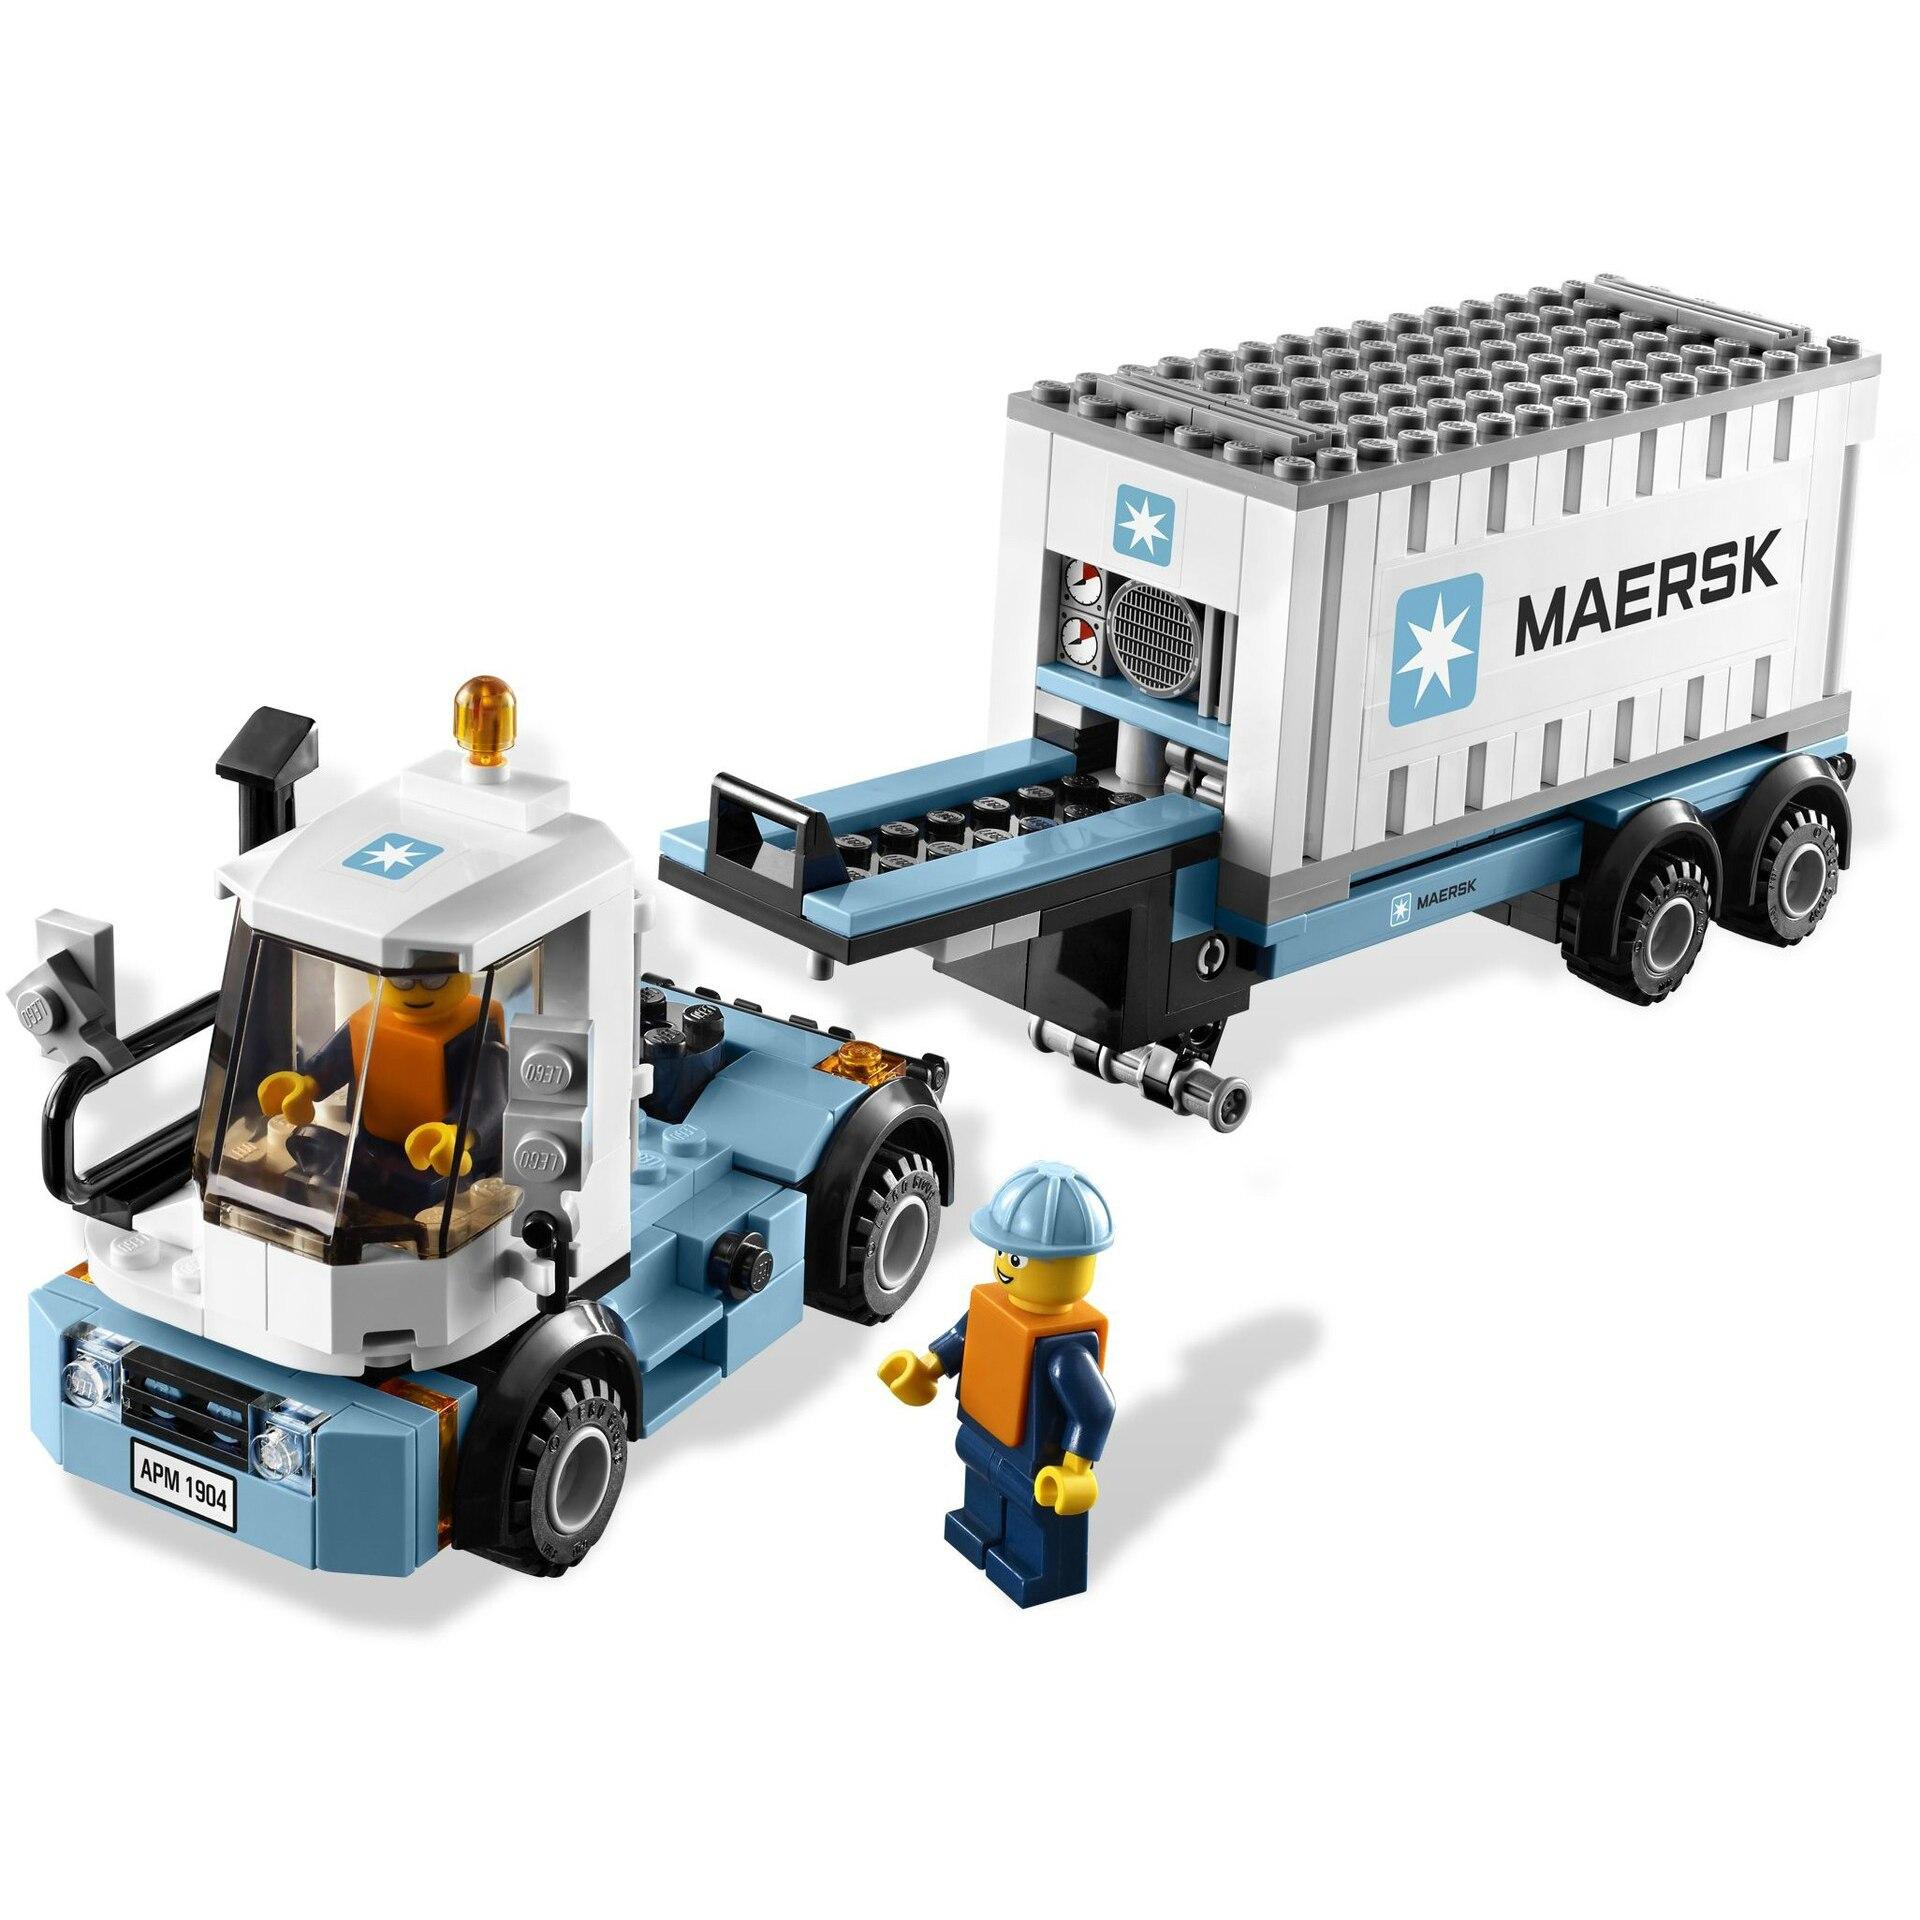 Lepin 21006 1234 pièces Véritable Créative Hors de Série D'impression Maersk LegoINGlys Train 10219 Assemblé En Bois Jouets Pour enfants